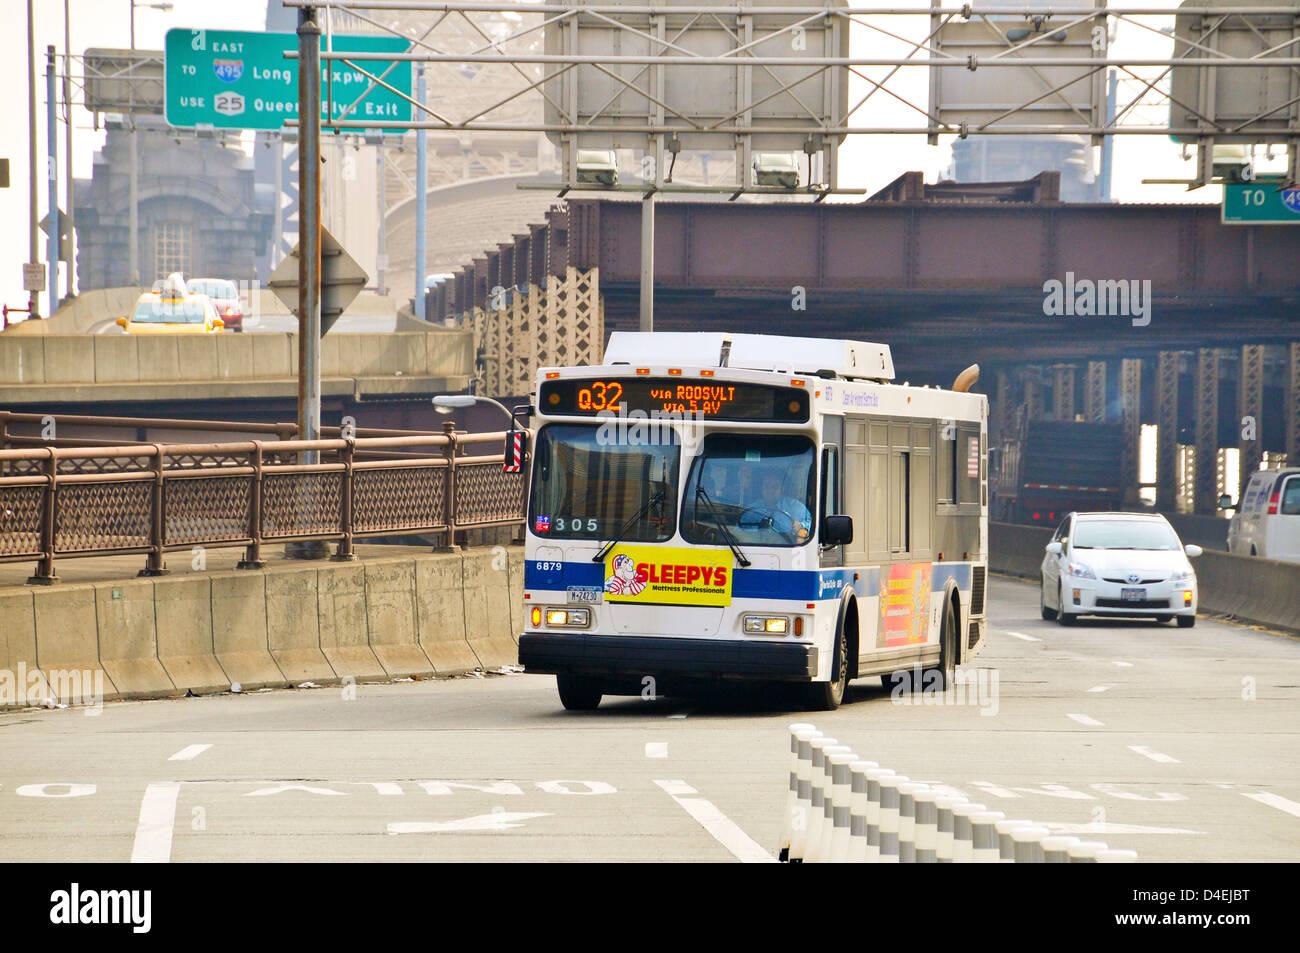 Mta Bus New York Stock Photos & Mta Bus New York Stock ... Q Bus Map on q84 bus map, q31 bus map, queens bus map, m3 bus map, q55 bus map, q112 bus map, q17 bus map, q83 bus map, q12 bus map, q44 bus map, q23 bus map, m1 bus map, q30 bus map, q102 bus map, q76 bus map, q20 bus map, m2 bus map, q104 bus map, q25 bus map, m21 bus map,